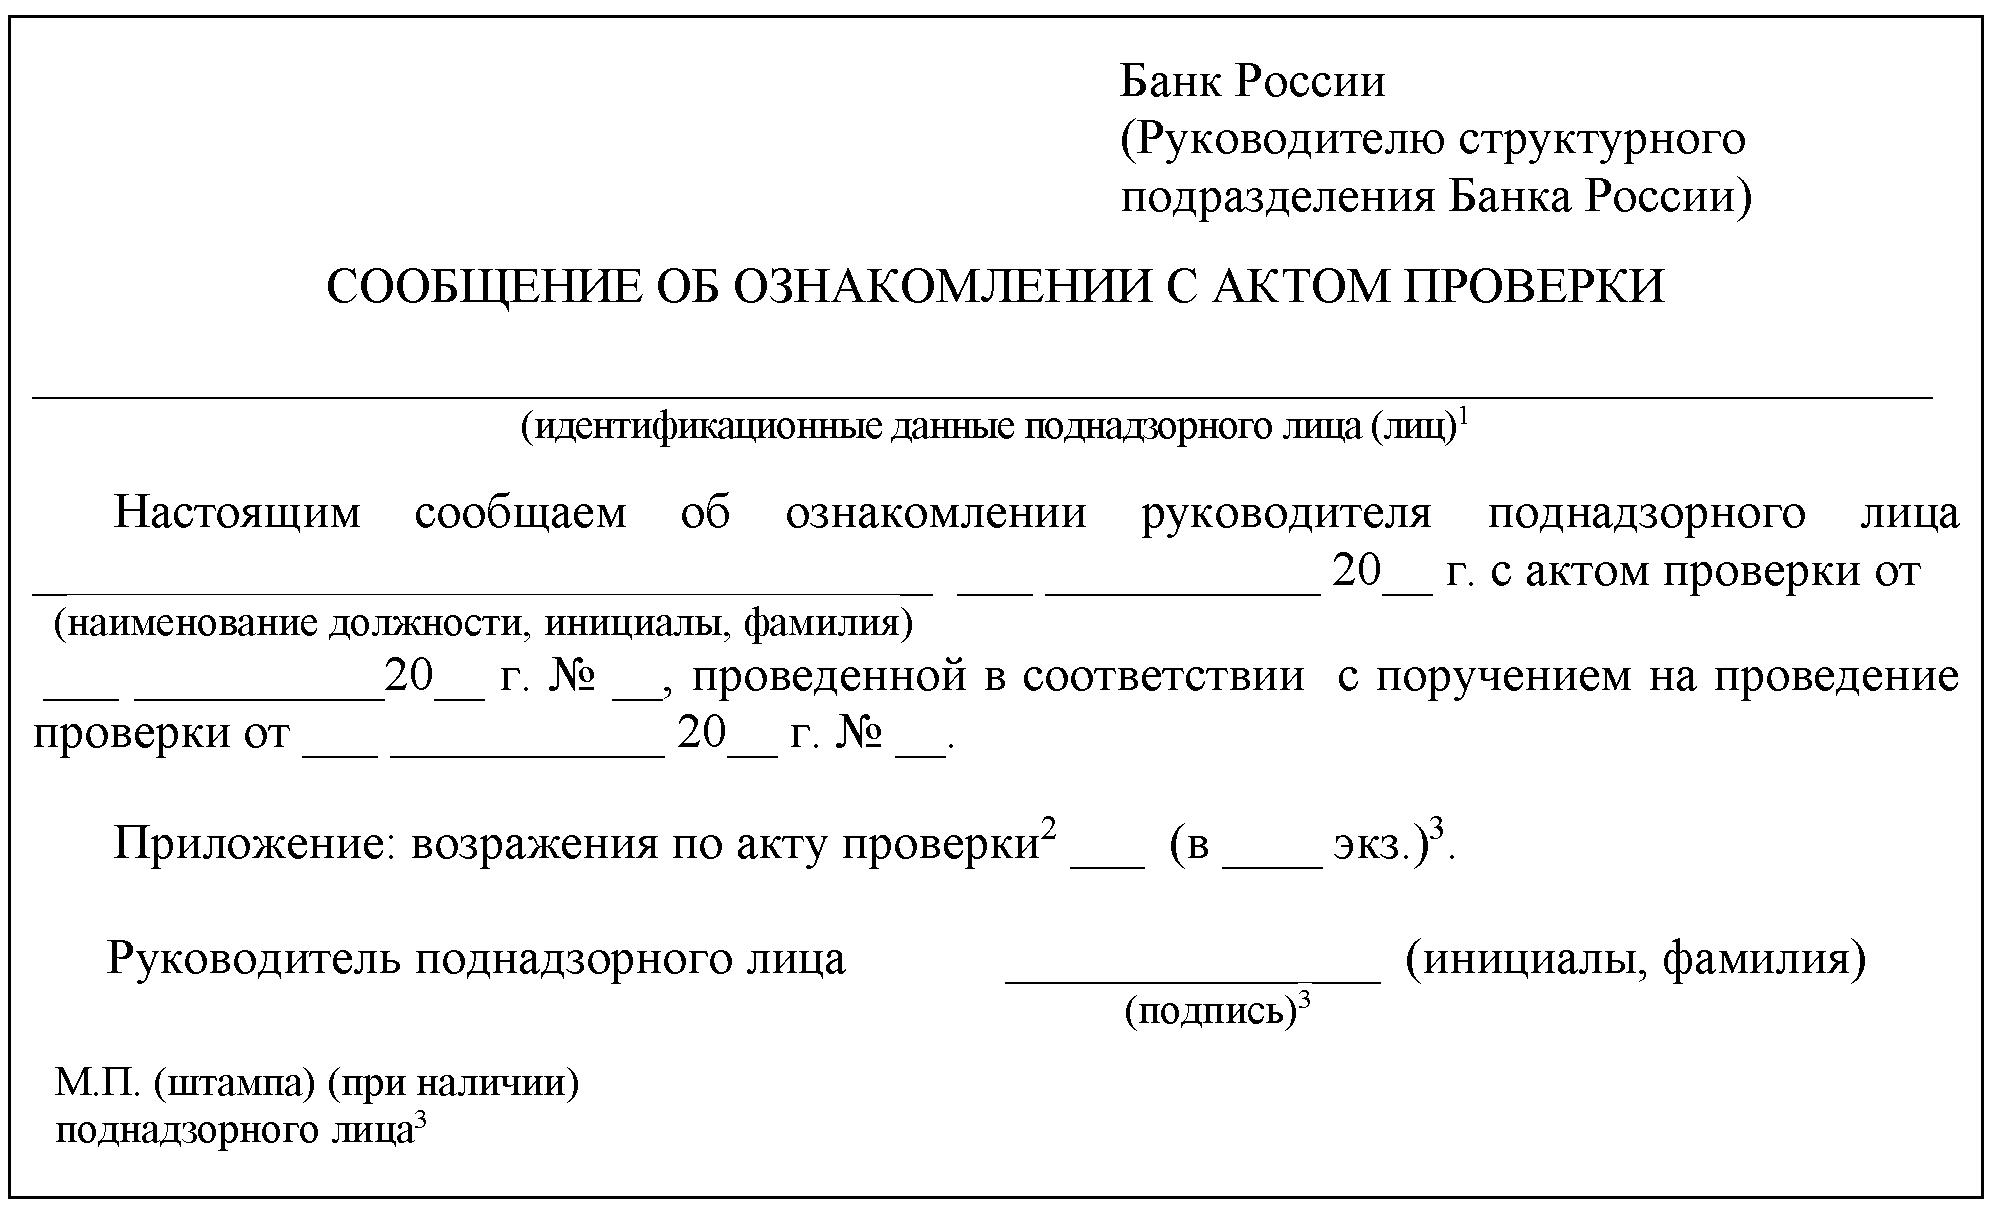 Коды проверок кредитных организаций